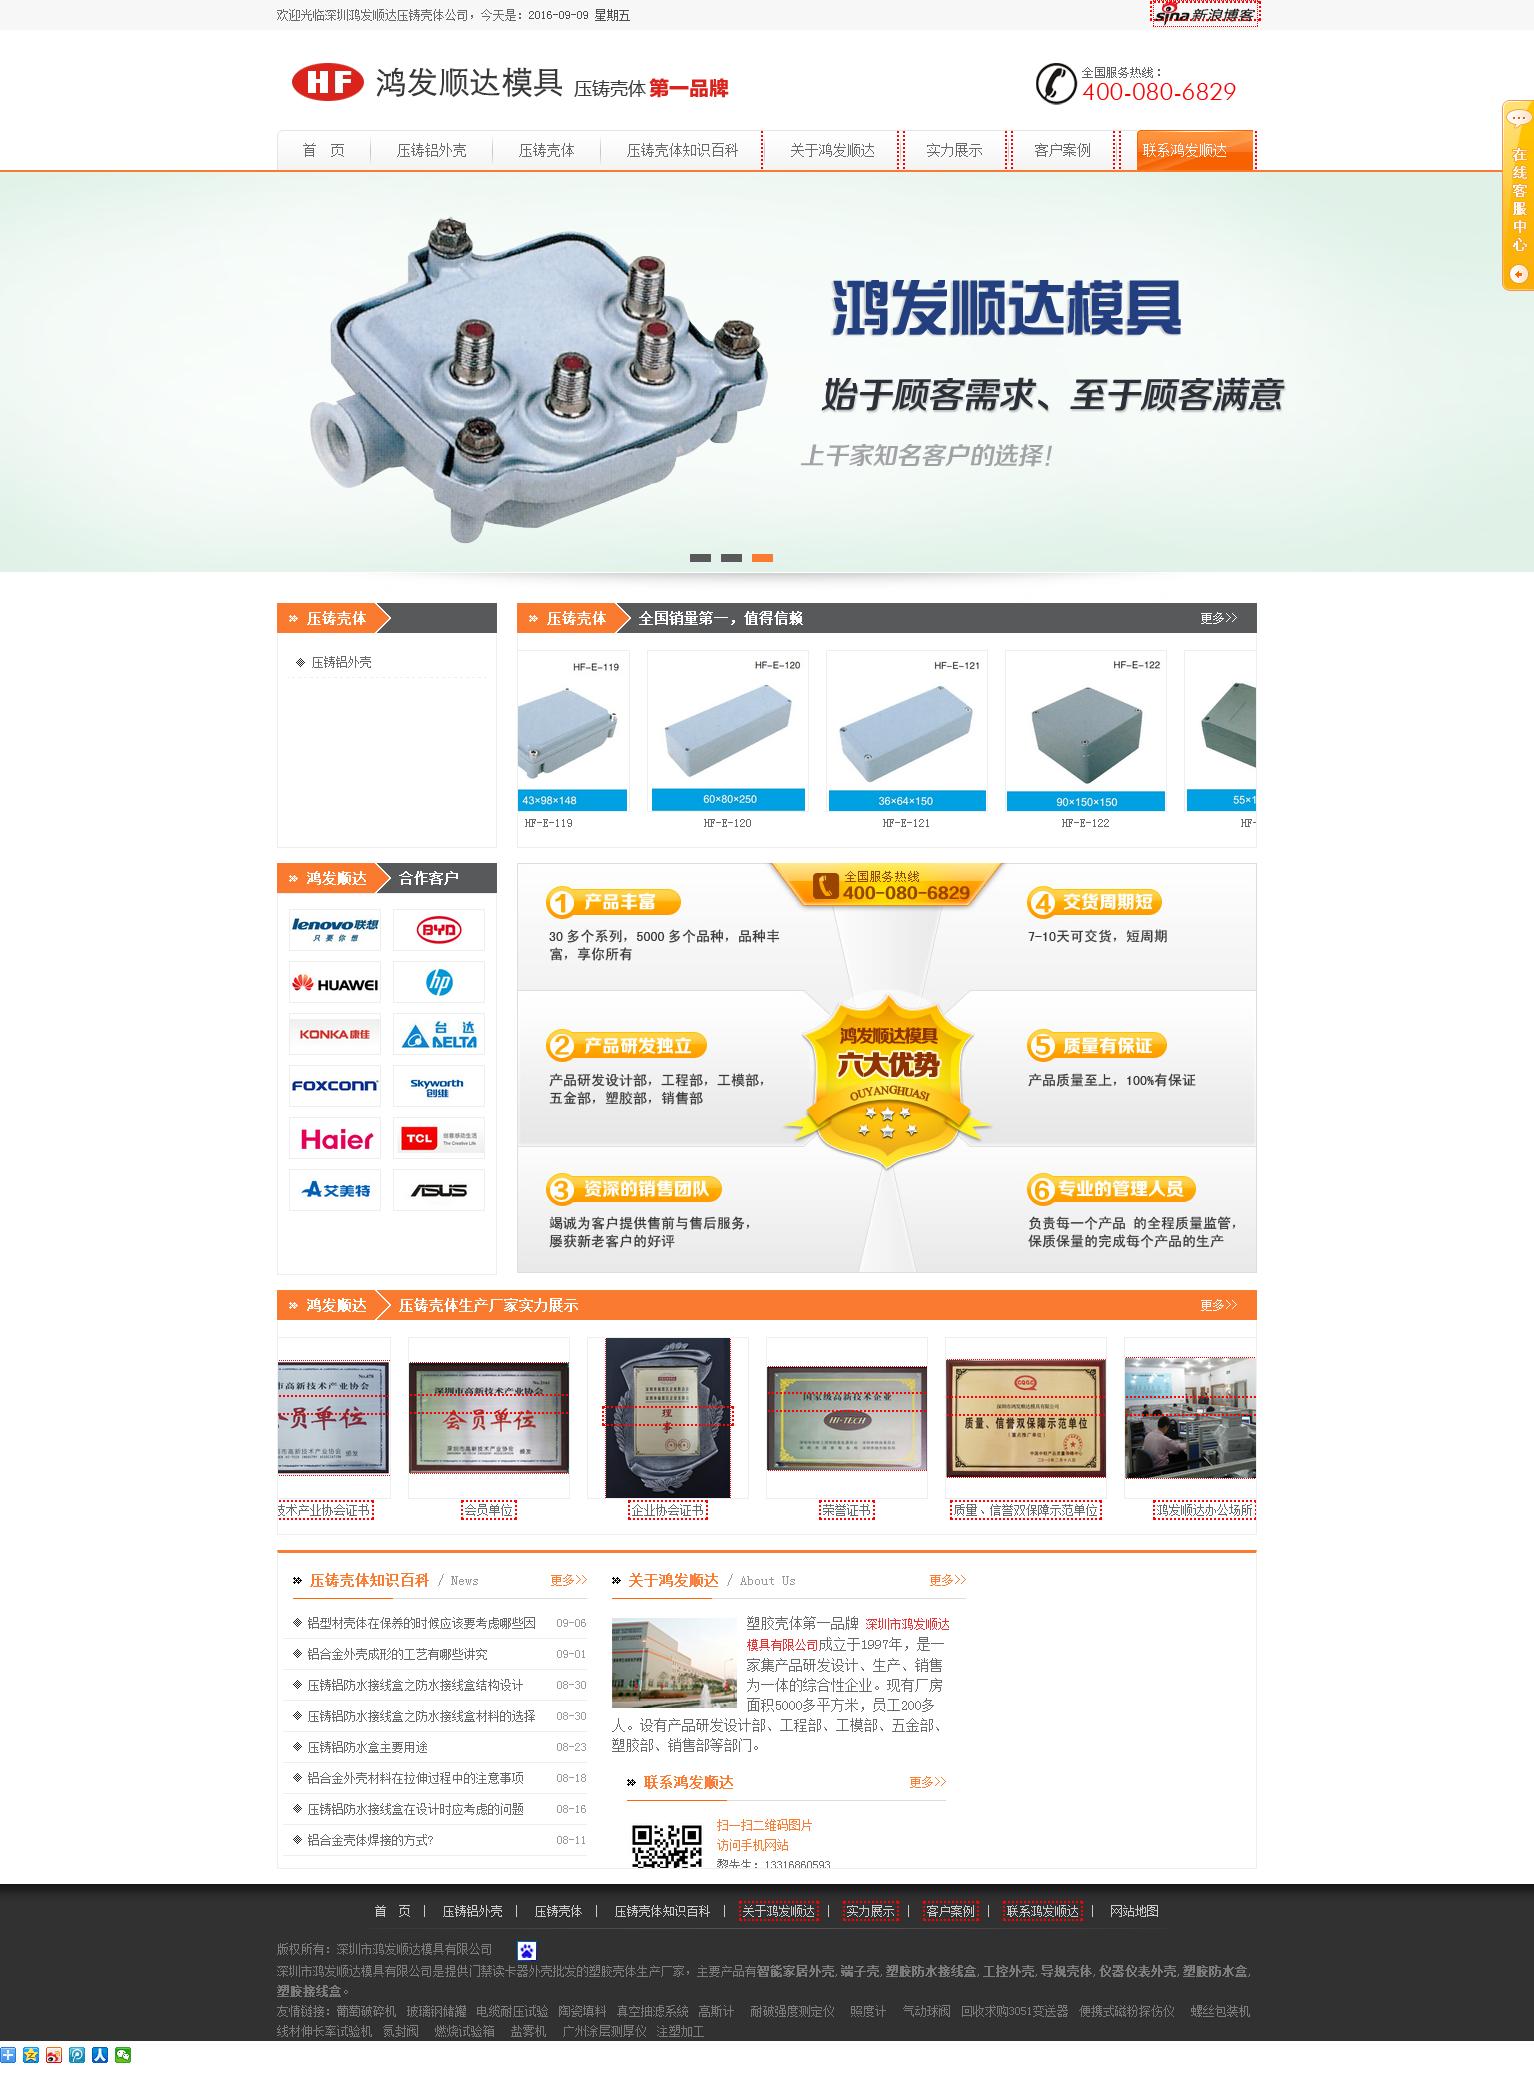 模具企业网站seo排名优化案例